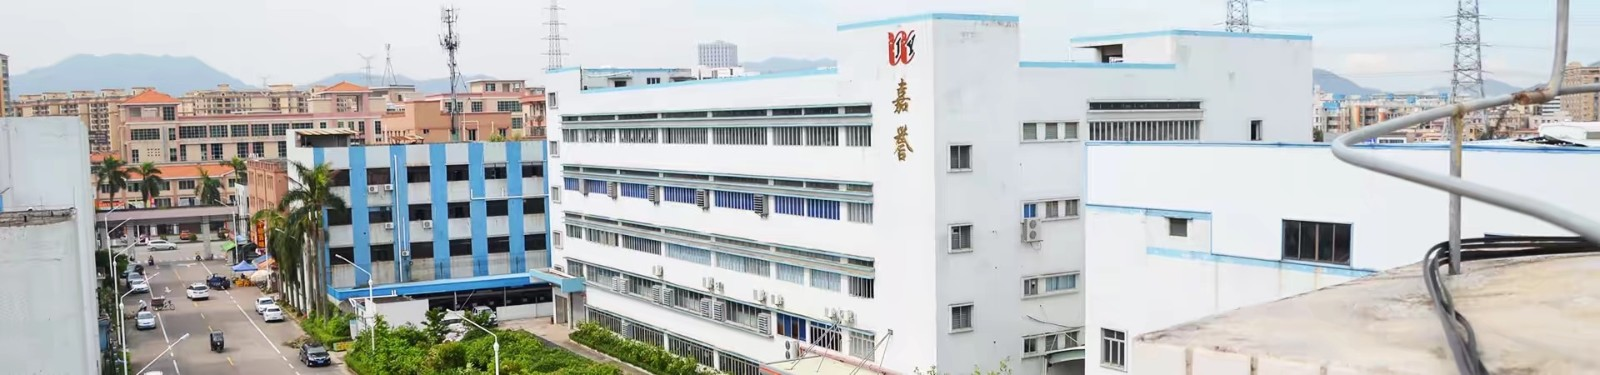 中山市嘉誉塑胶制品有限公司_才通国际人才网_job001.cn